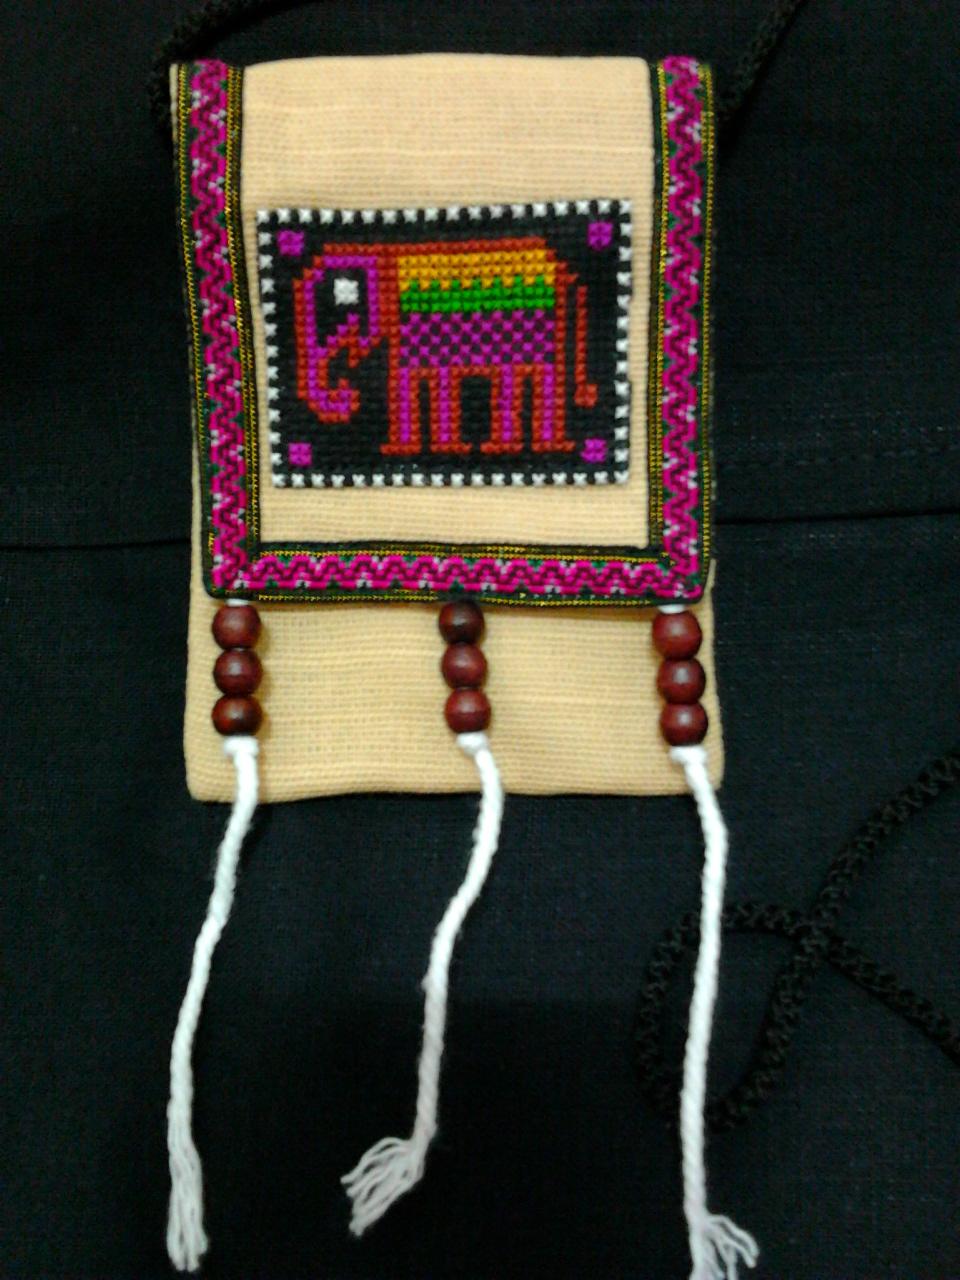 กระเป๋าใส่เหรียญ,เงิน คล้องคอ สีครีม ใบเล็กน่ารัก มีช่องใส่โทรศัพท์และมีช่องซิปใส่เหรียญ